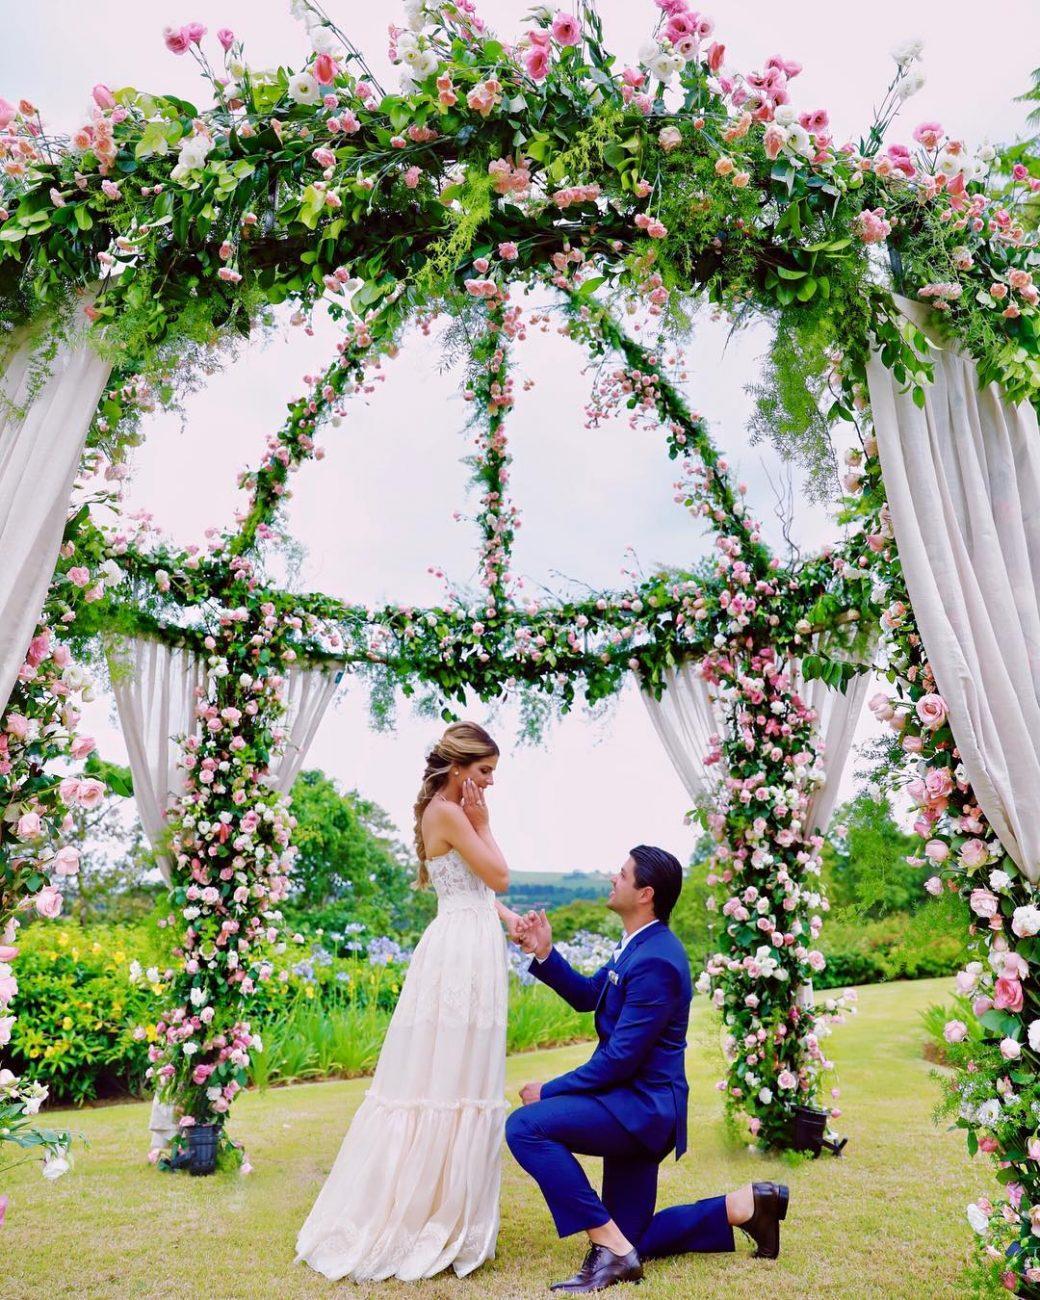 casamento Thássia Naves e Artur Attie